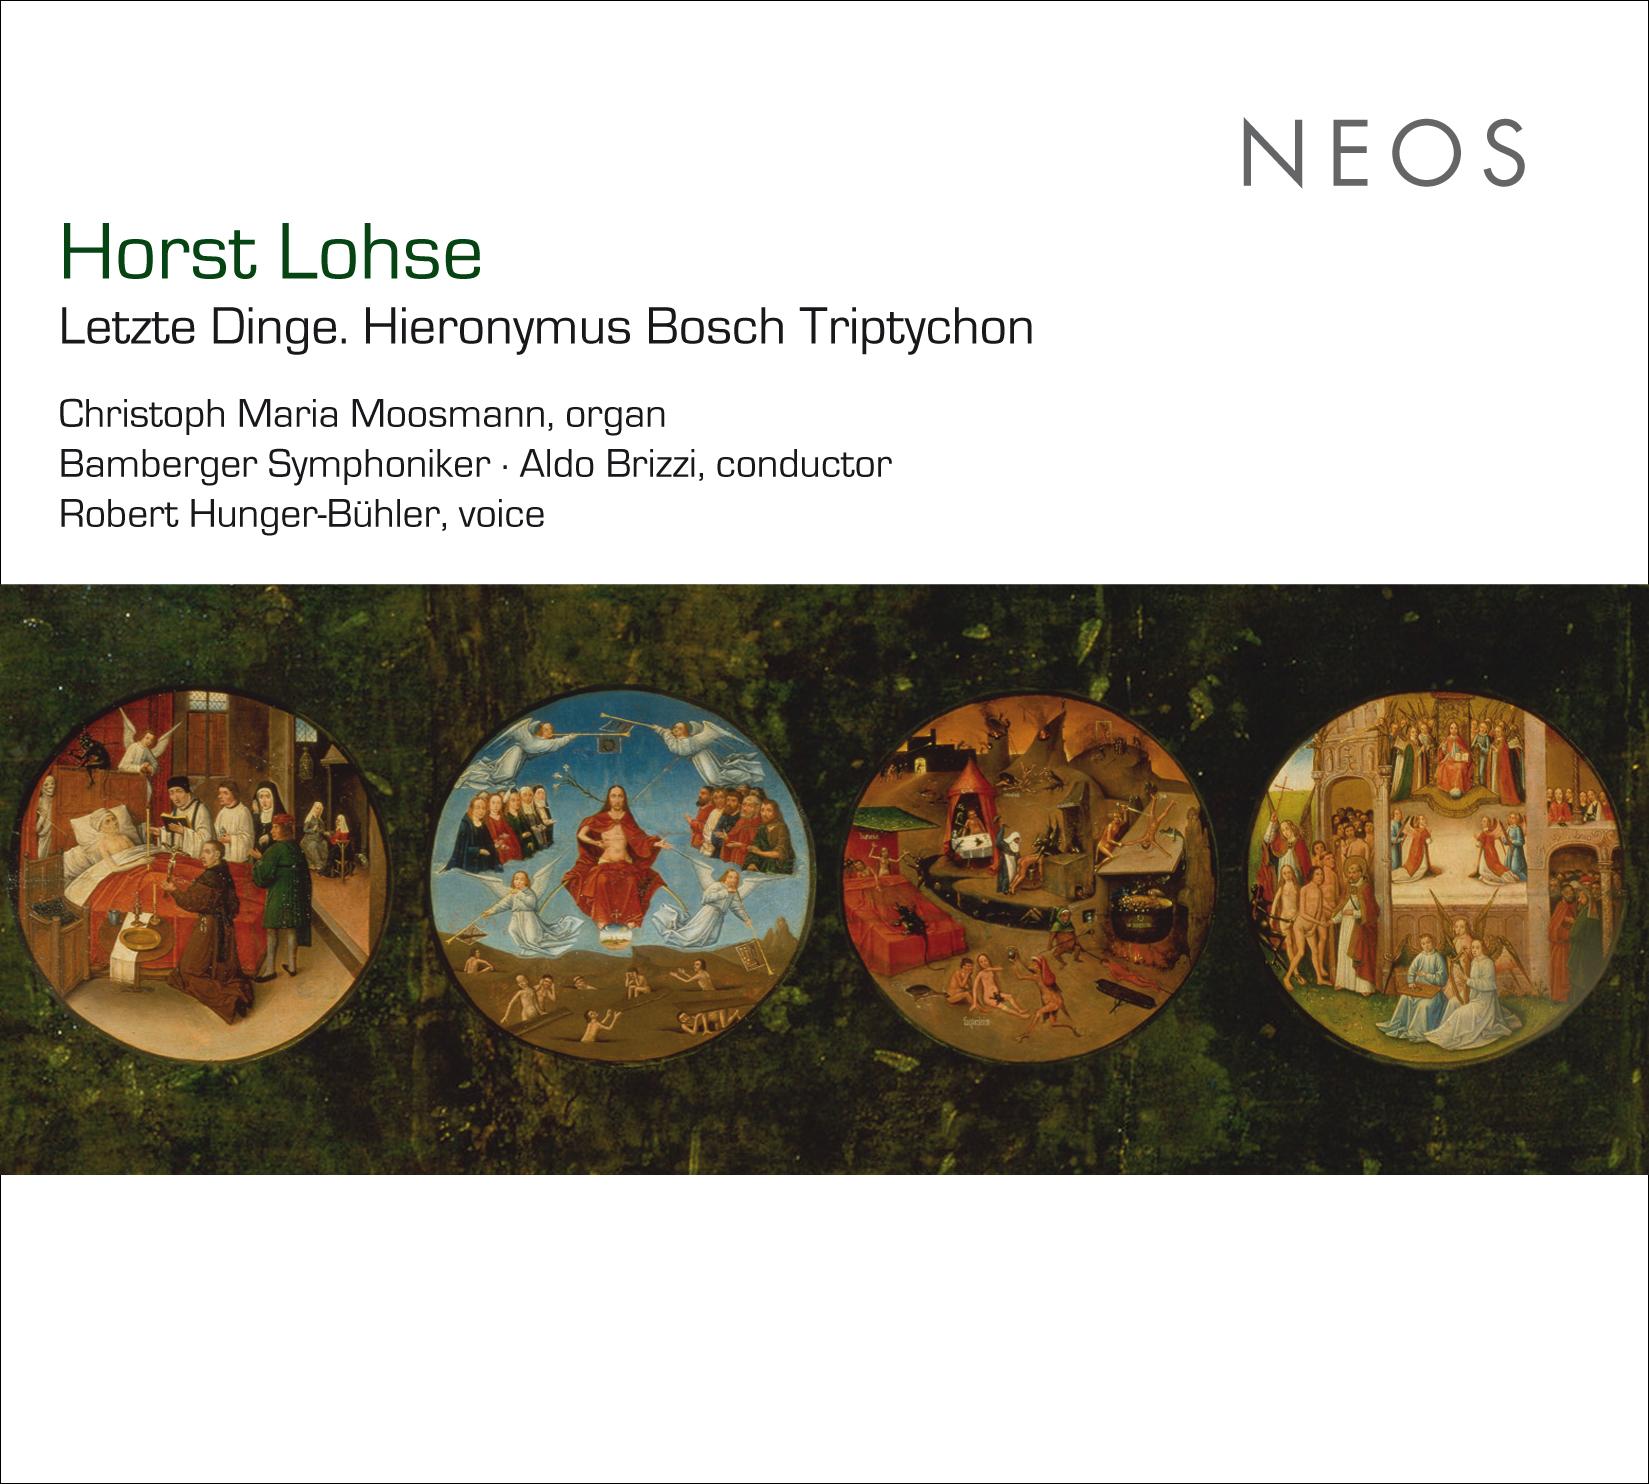 Hieronymus Bosch Triptychon